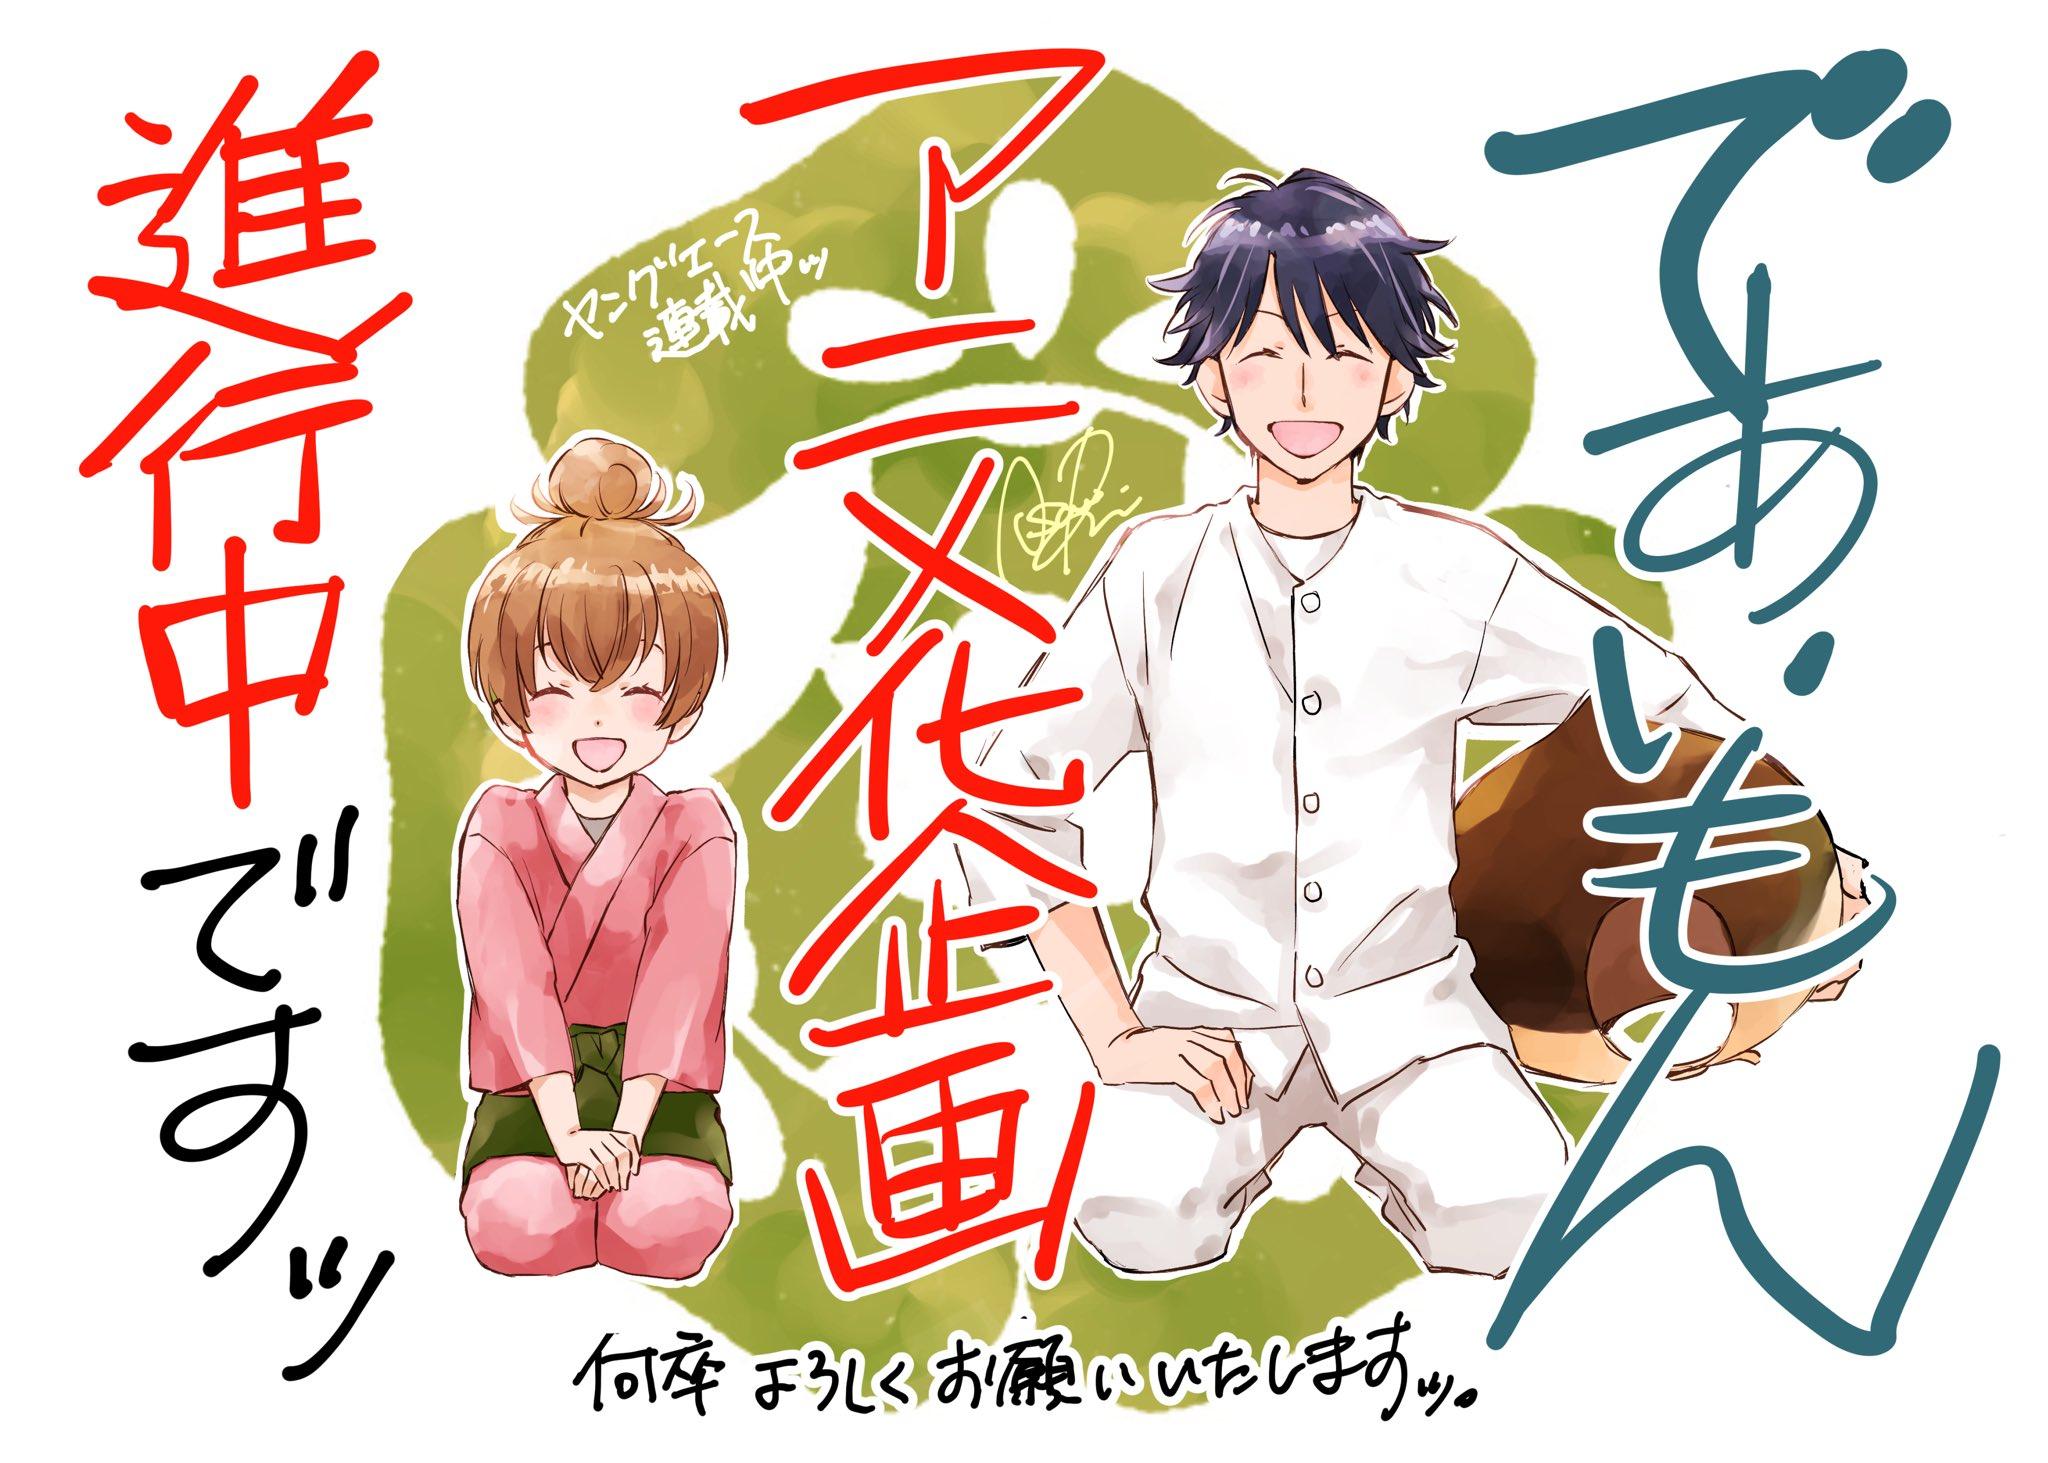 「であいもん」アニメ化企画が進行中!京都×和菓子×家族愛なんて癒される予感しかない